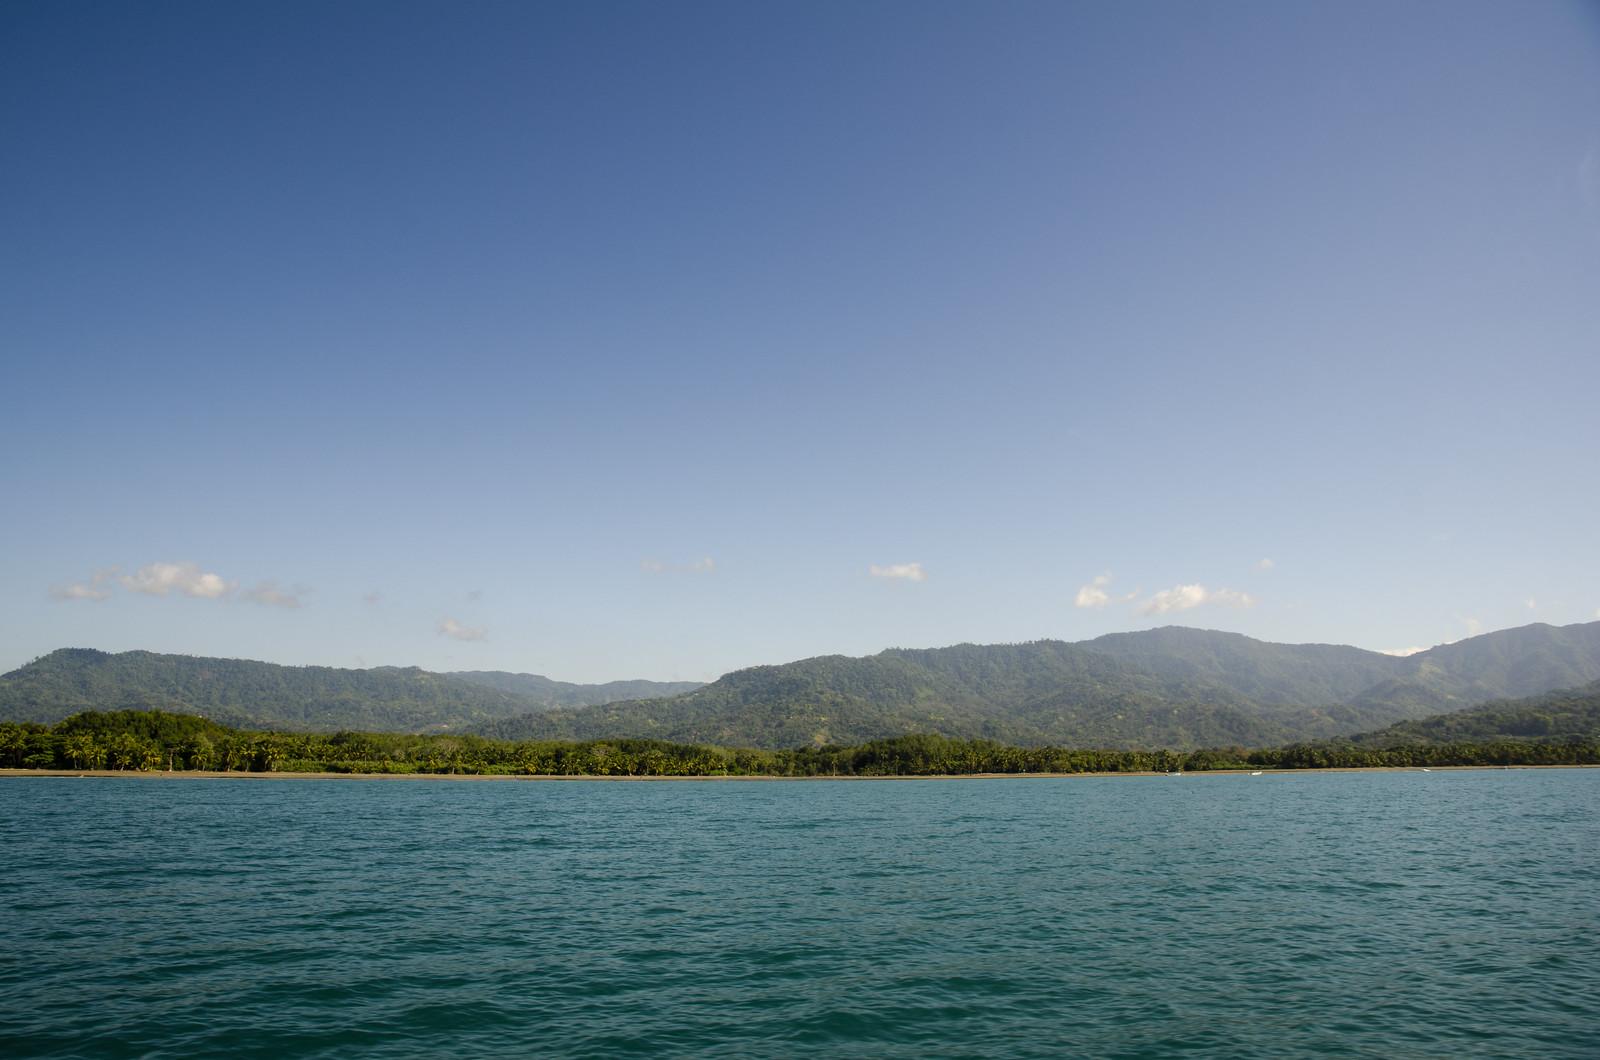 Parque Nacional Marino Ballena - Uvita - Costa Rica